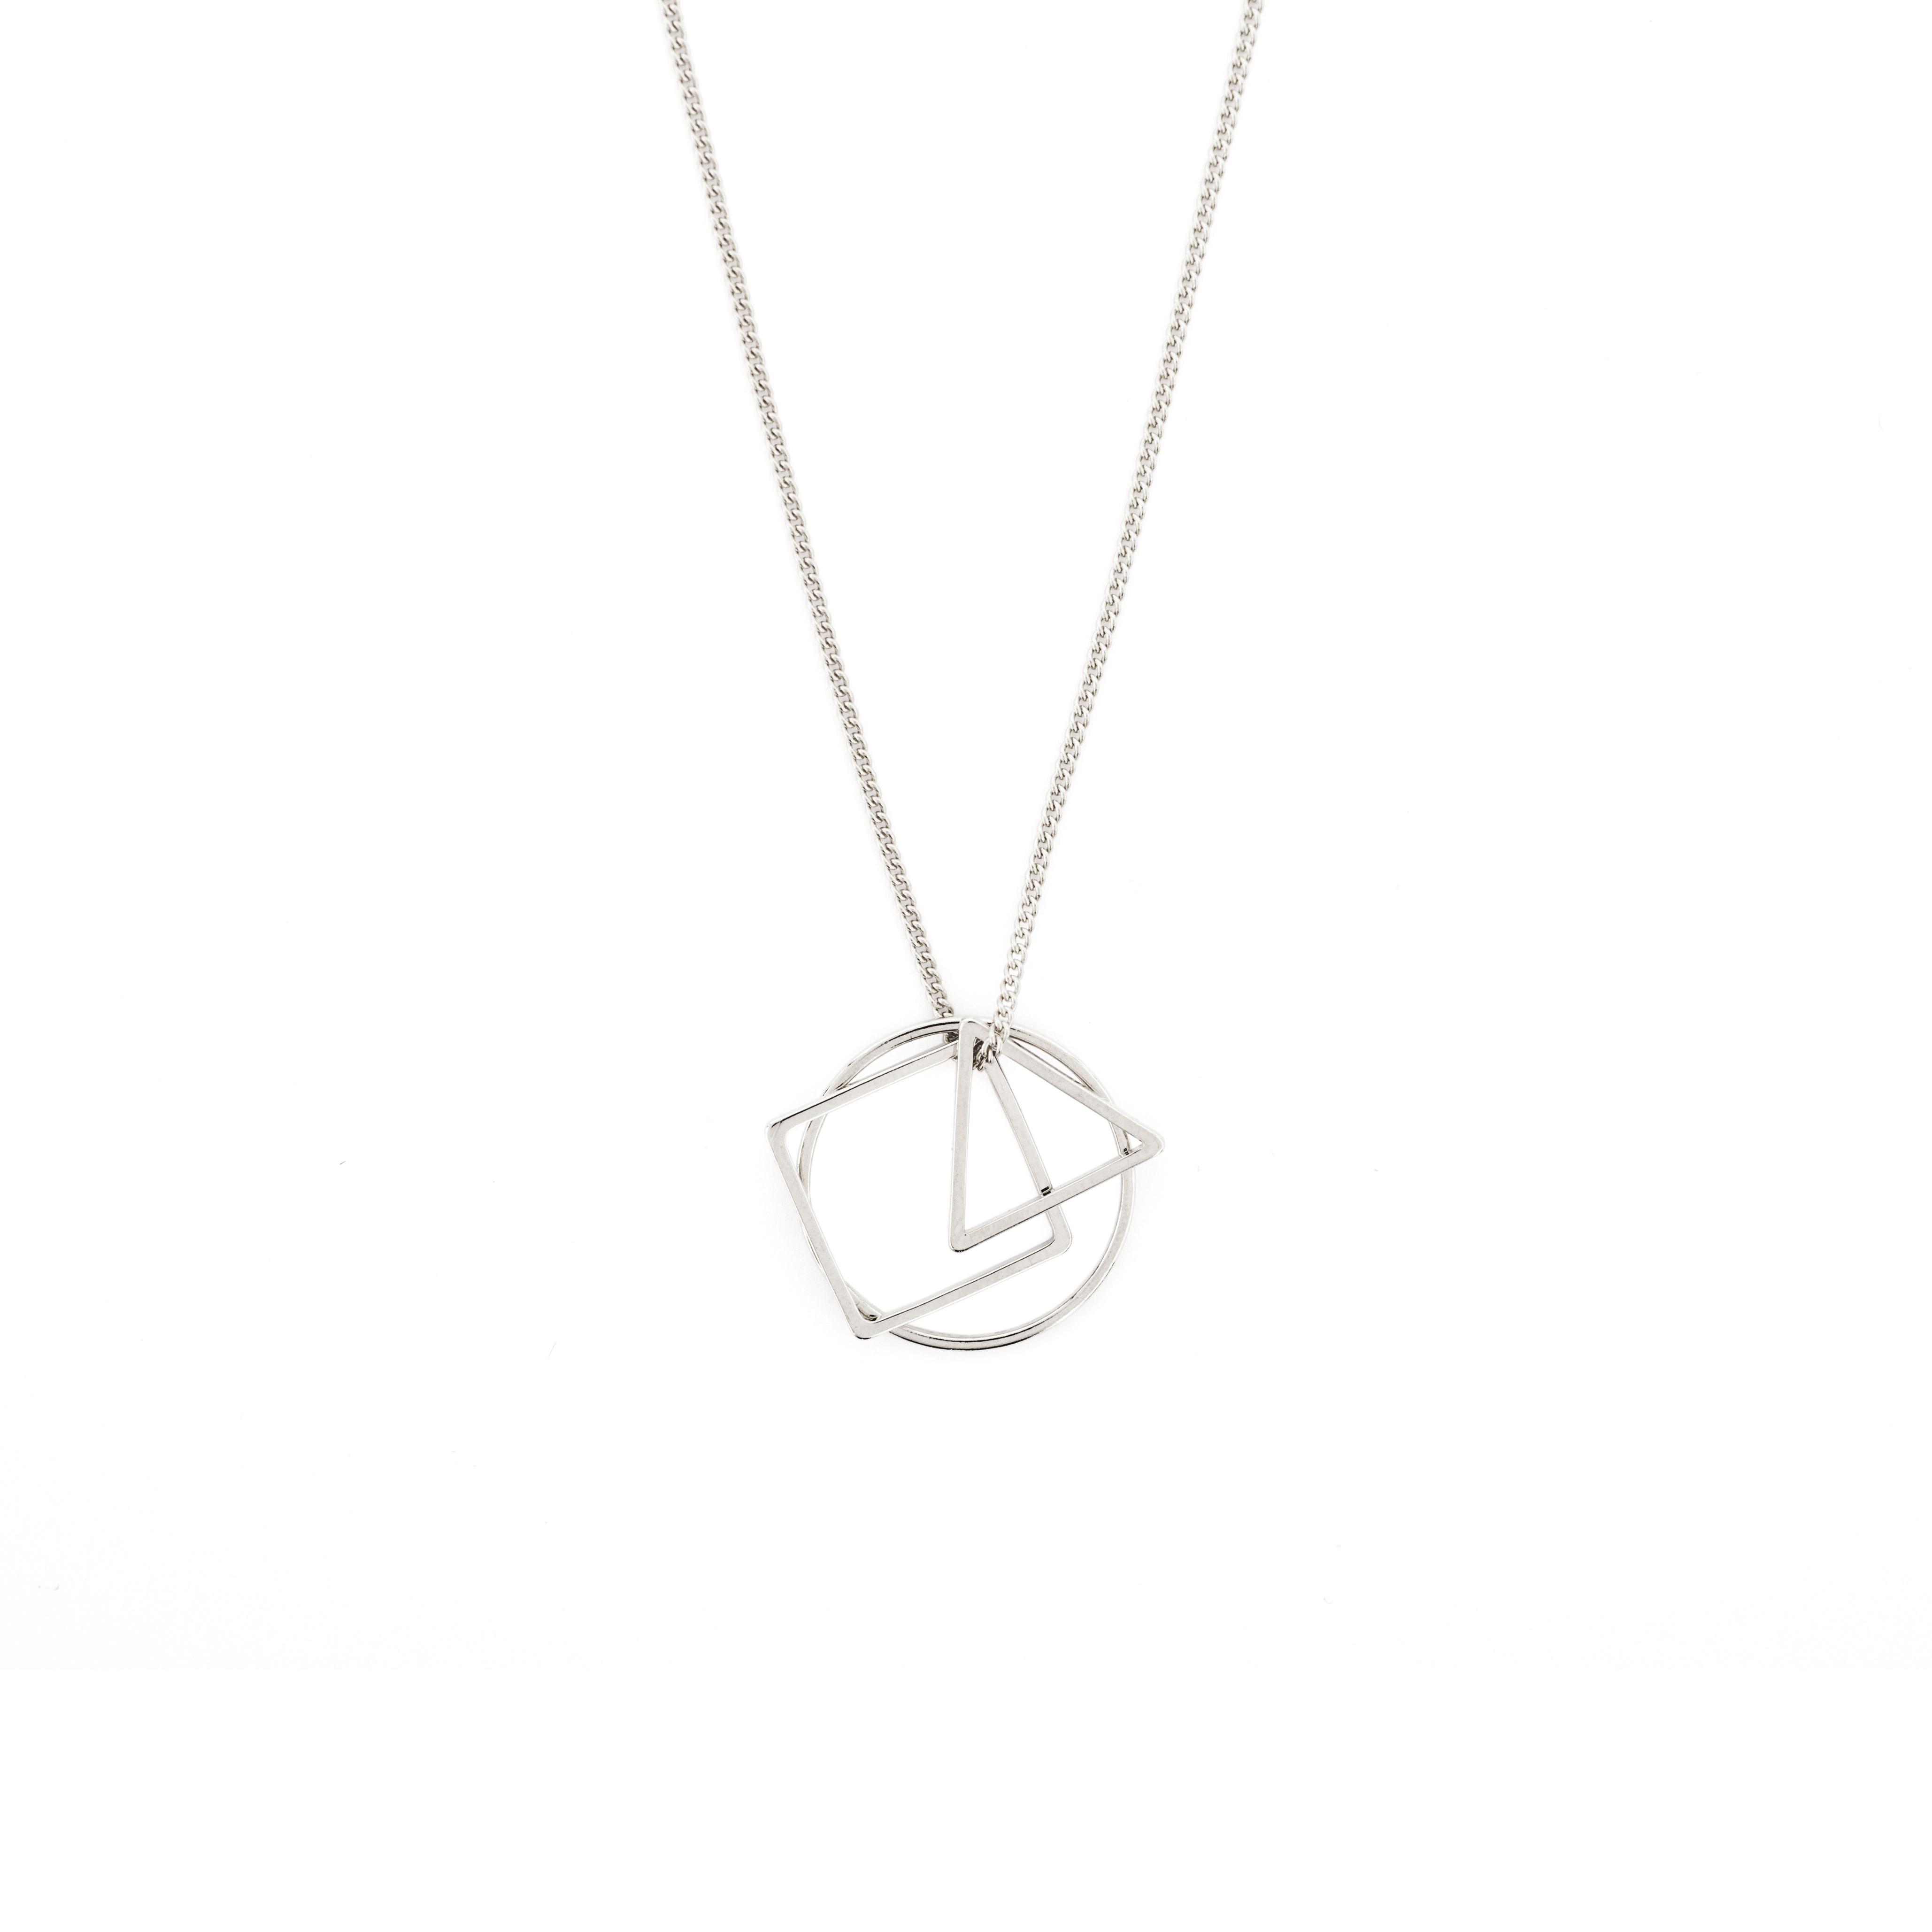 Kette silber  Kette geometrisch Silber -Geo Love- MADELEINE ISSING